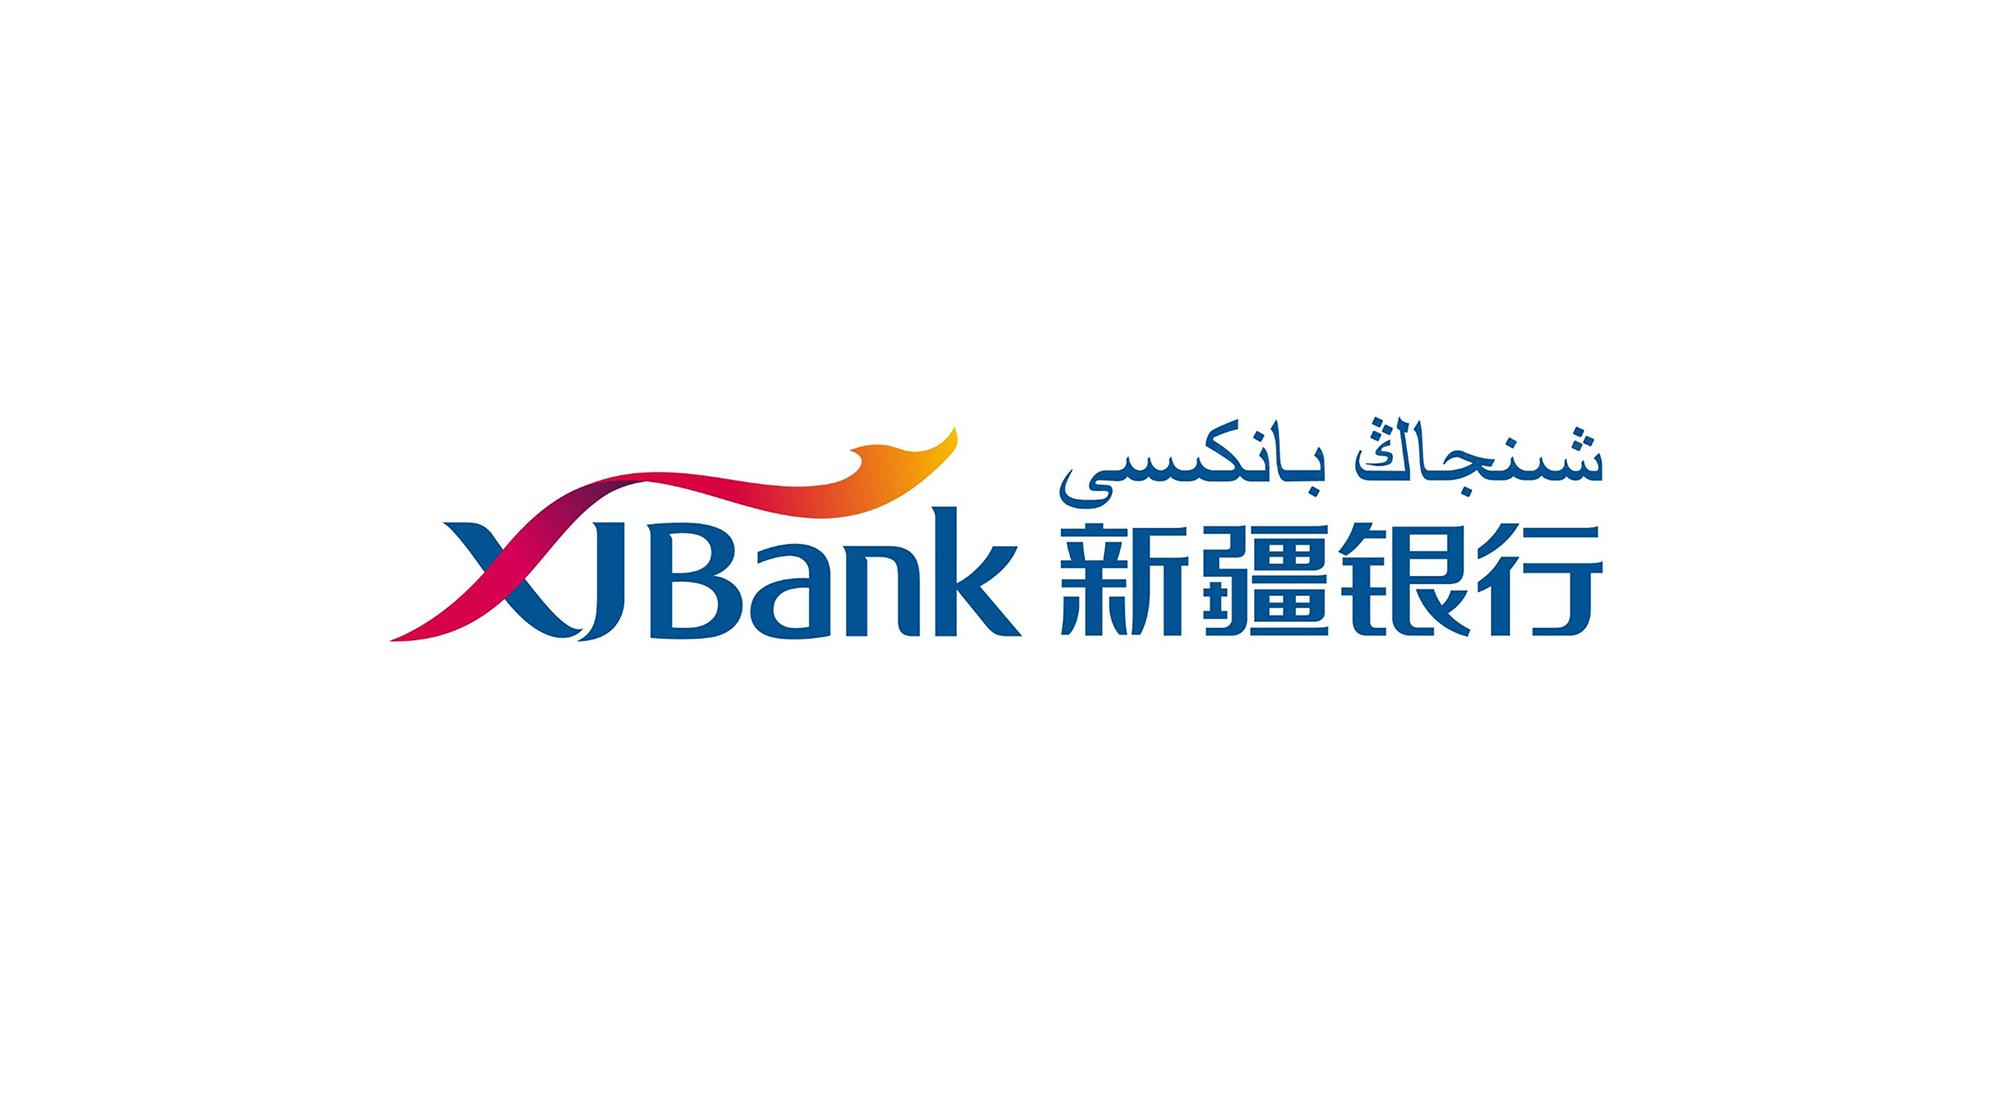 品牌设计新疆银行LOGO&VI设计应用